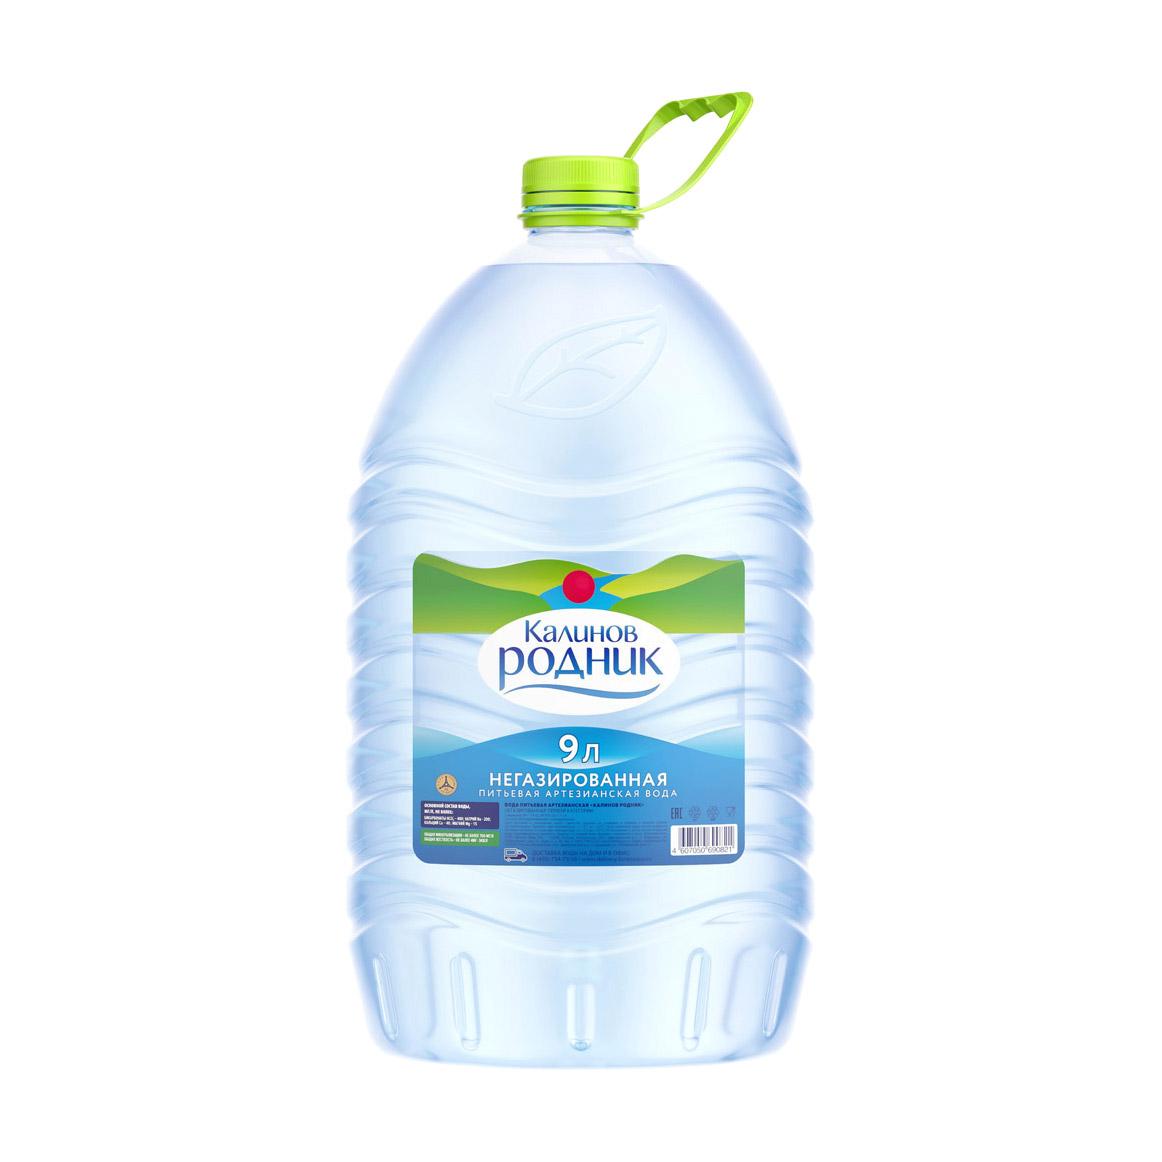 Вода минеральная Калинов Родник негазированная 9 л вода минеральная калинов родник газированная пэт 6 шт по 1 5 л